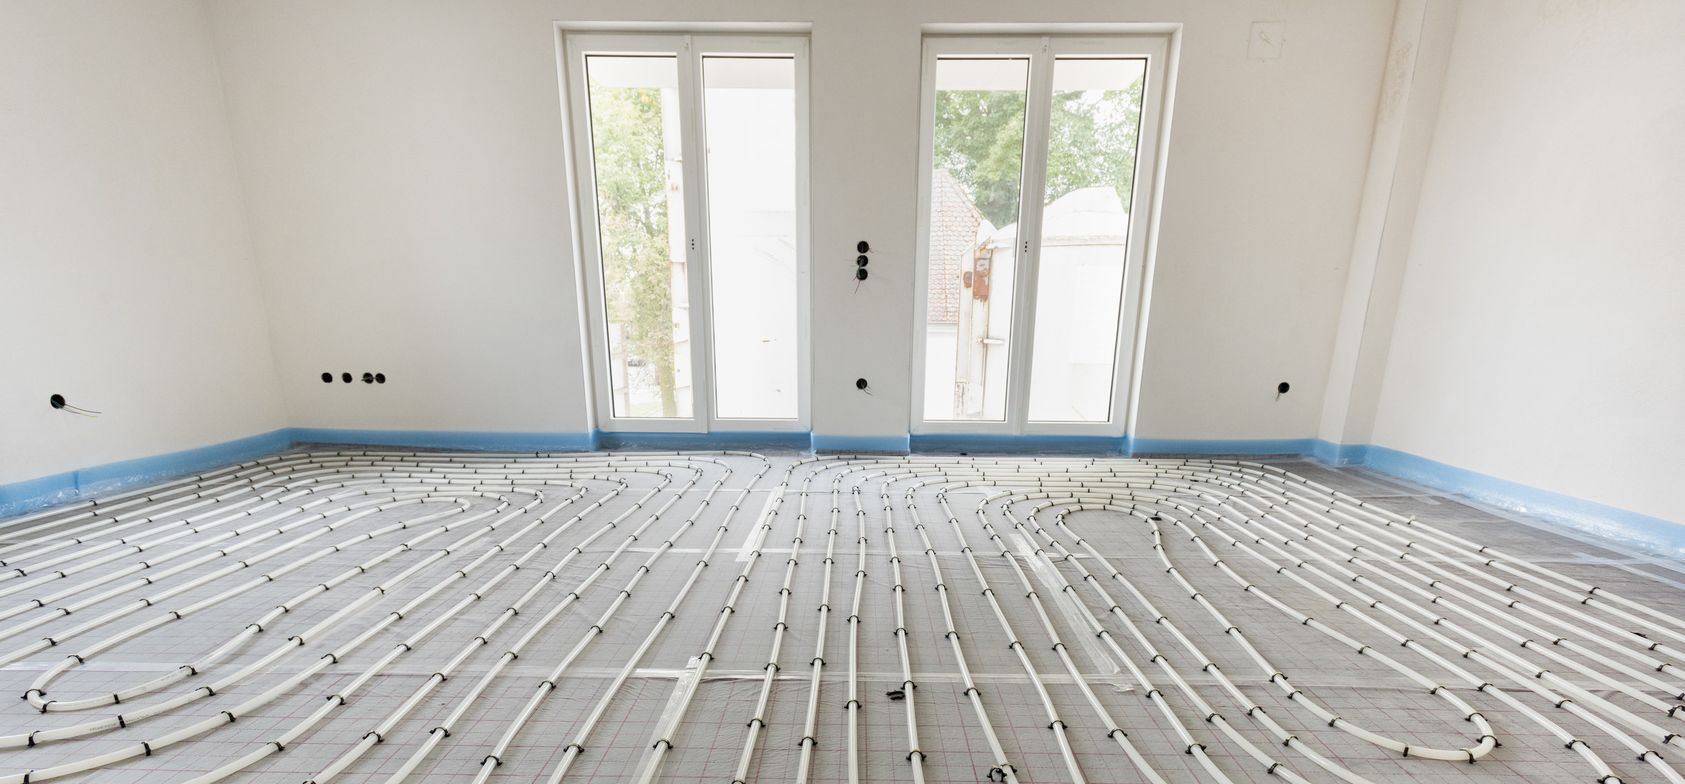 fu bodenheizung bestehende heizung anschlie en hydraulischen abgleich selber machen schritt 5. Black Bedroom Furniture Sets. Home Design Ideas